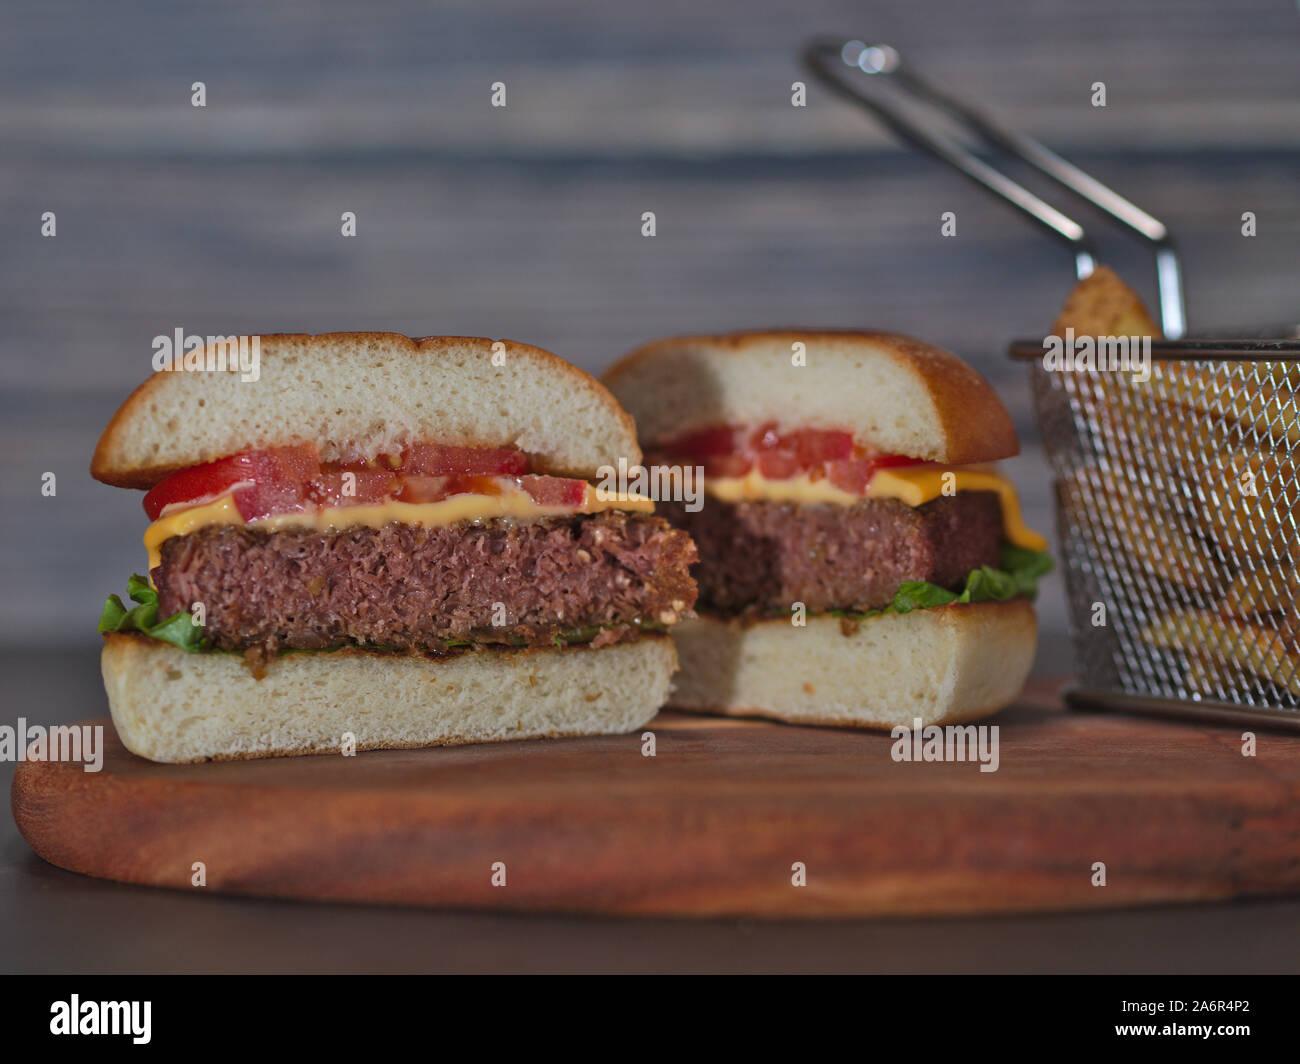 PAPEOHEADS, exponga aquí sus dudas o recetas - Página 22 Vegan-hamburguesa-a-base-de-vegetales-cortados-a-la-mitad-con-papas-fritas-servidas-en-bandeja-de-madera-2a6r4p2